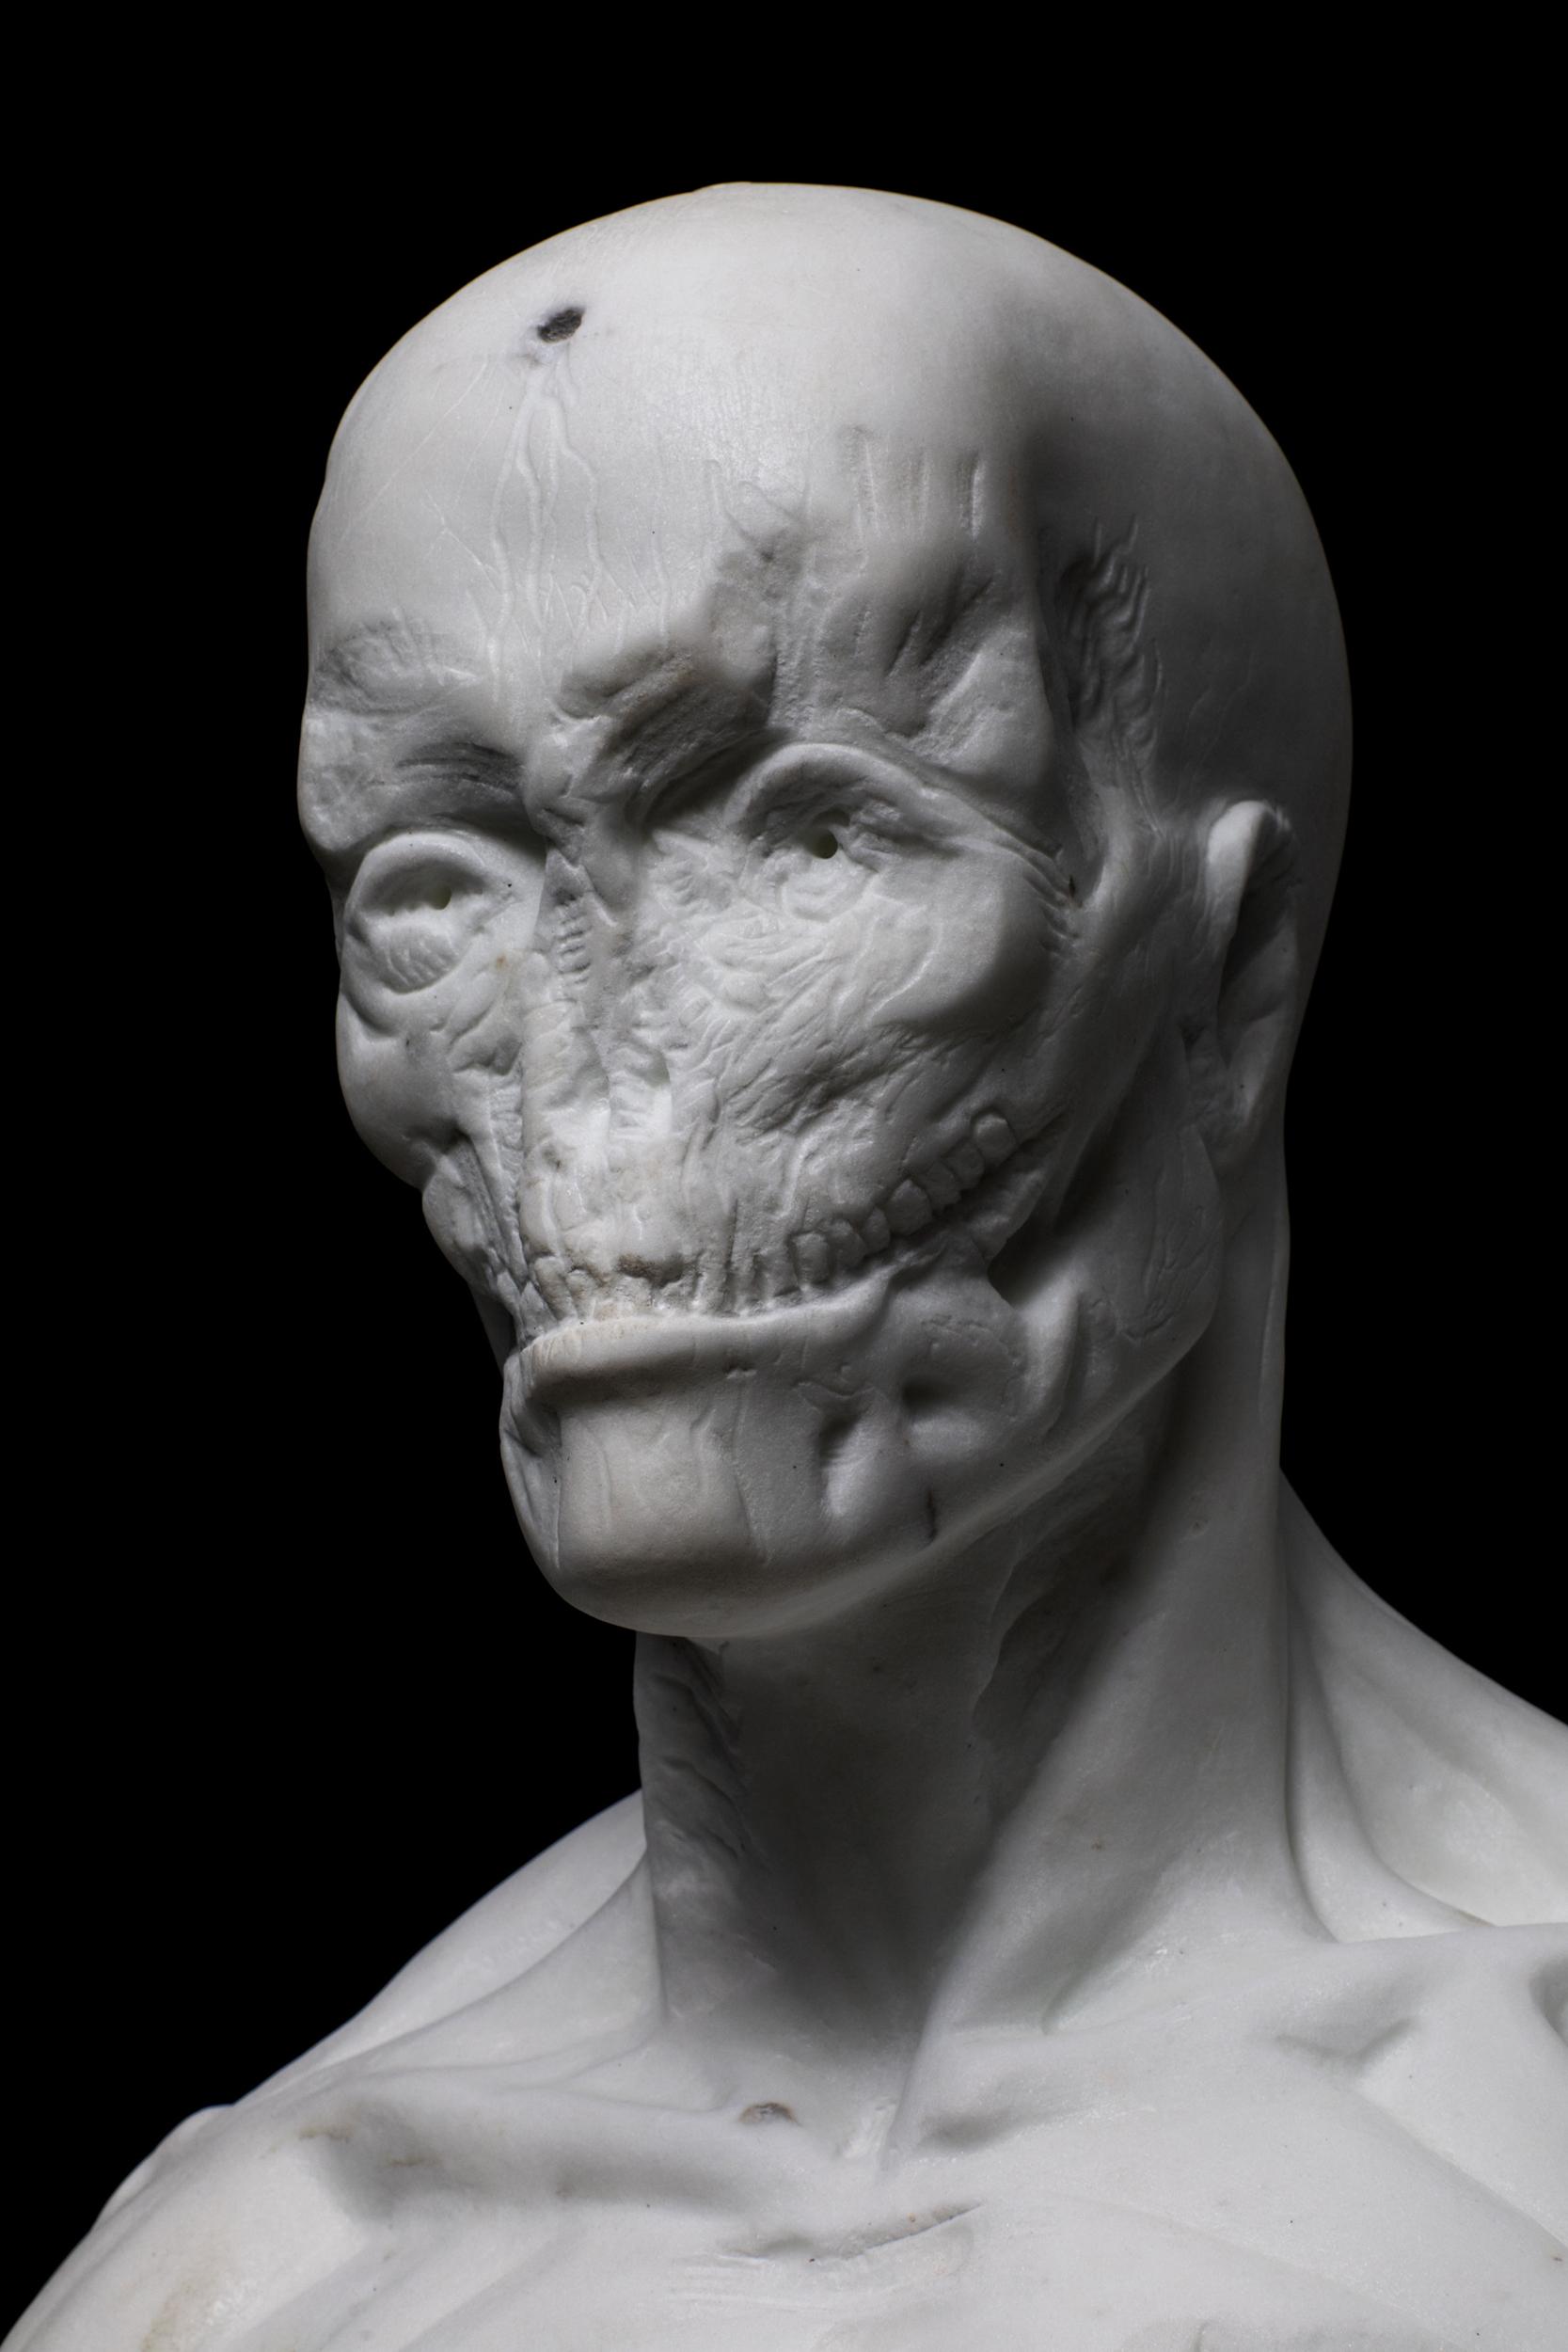 Sculpture by Christian Lemmerz